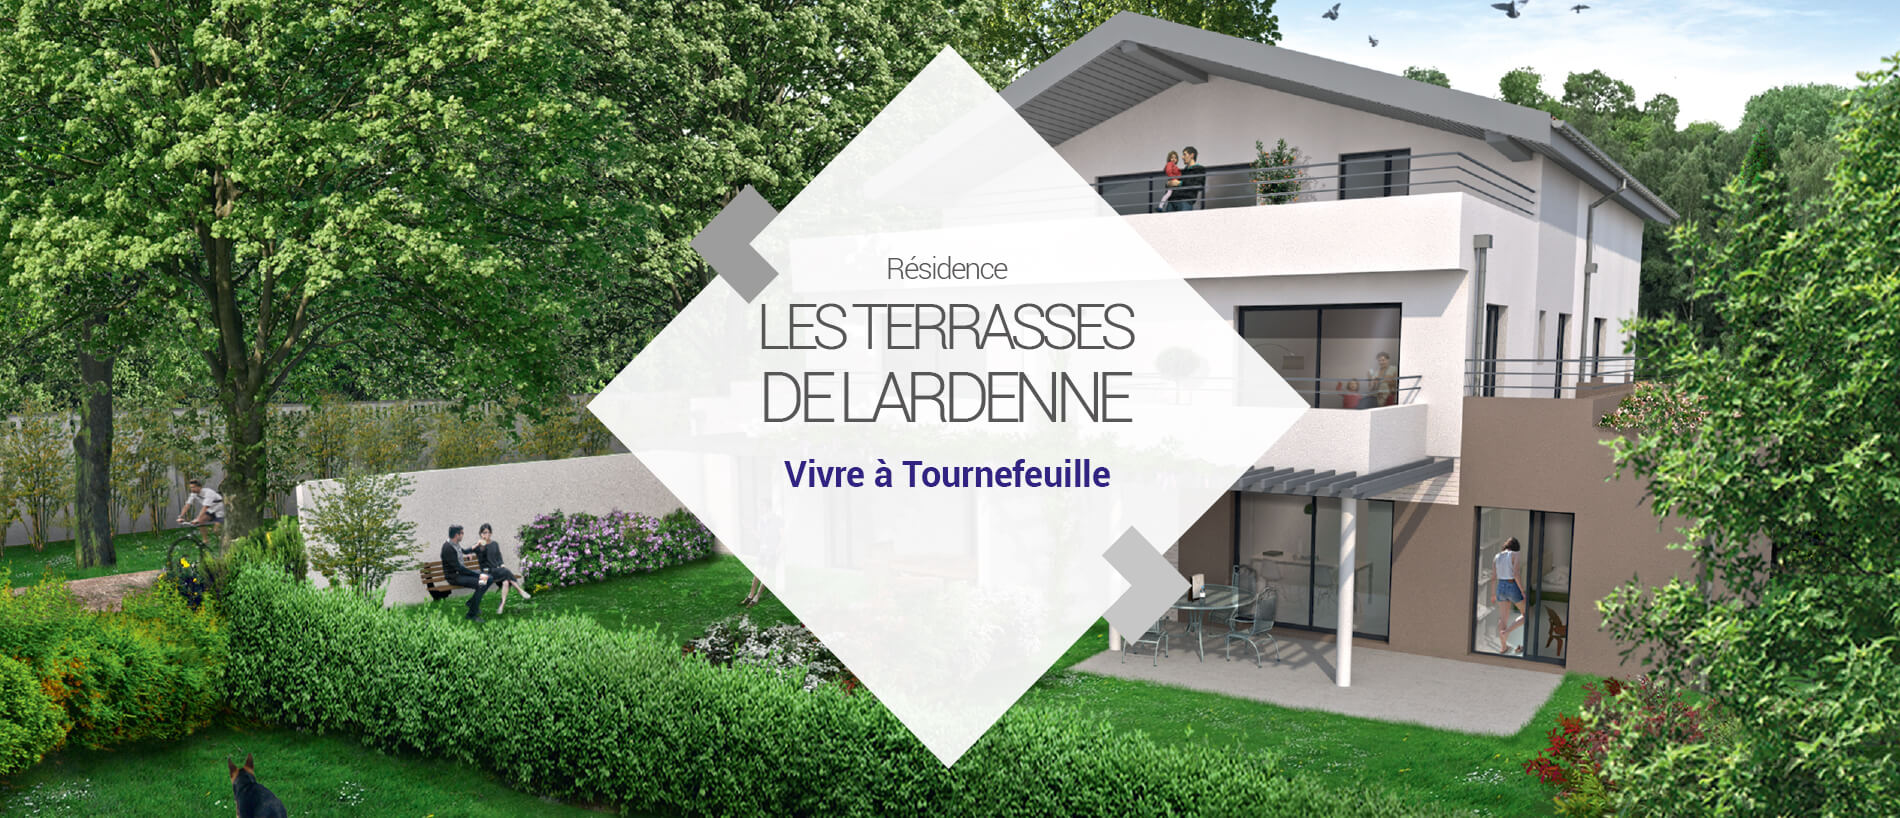 BG Promotion - Slide Vidéo 3D - Les Terrasses de Lardenne